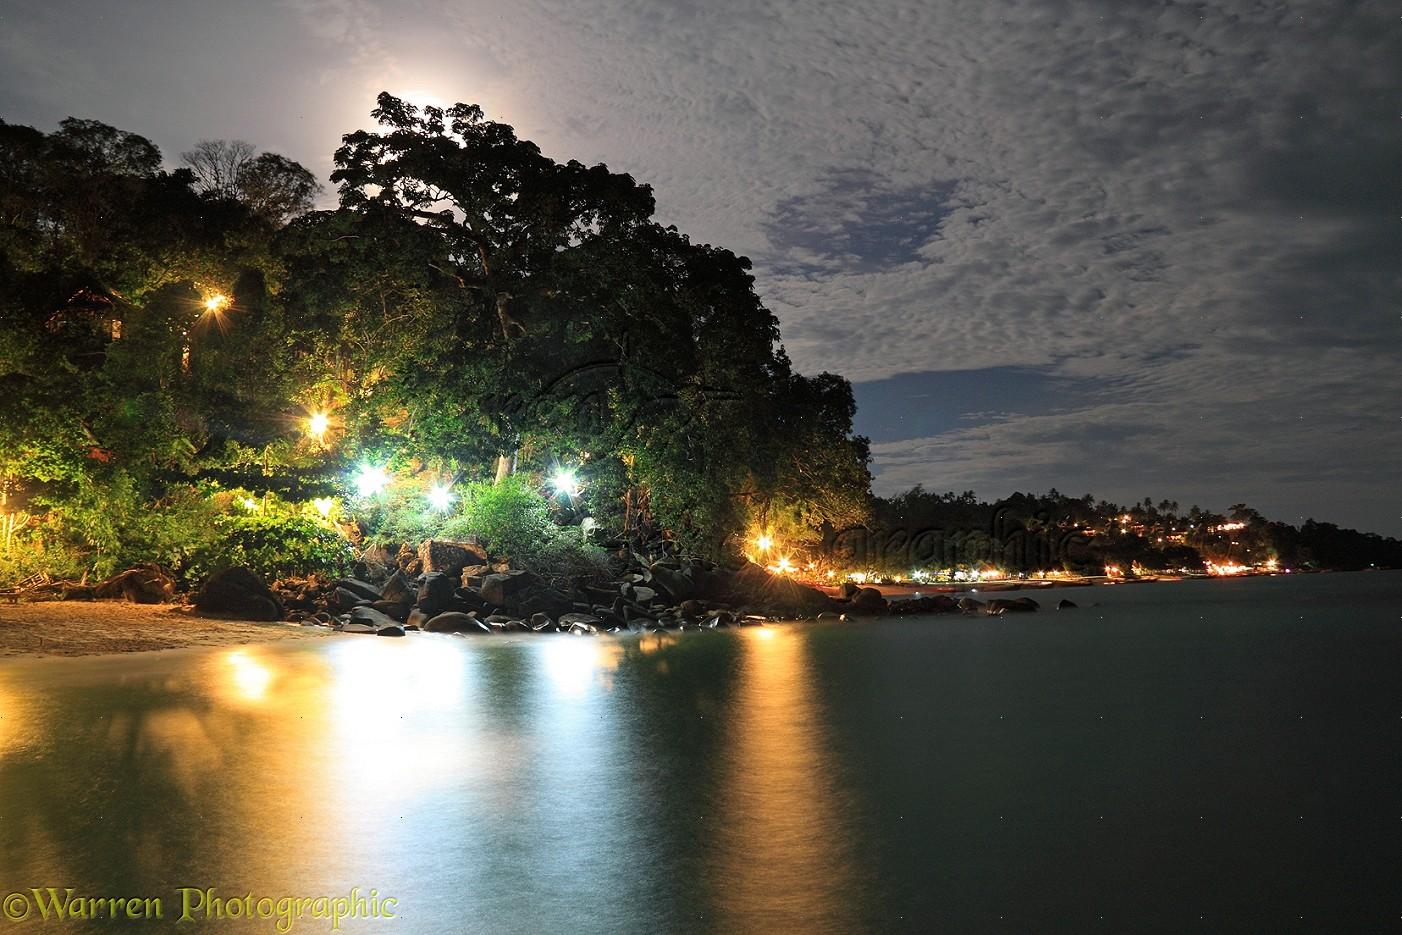 Beach resort at night photo - WP31750